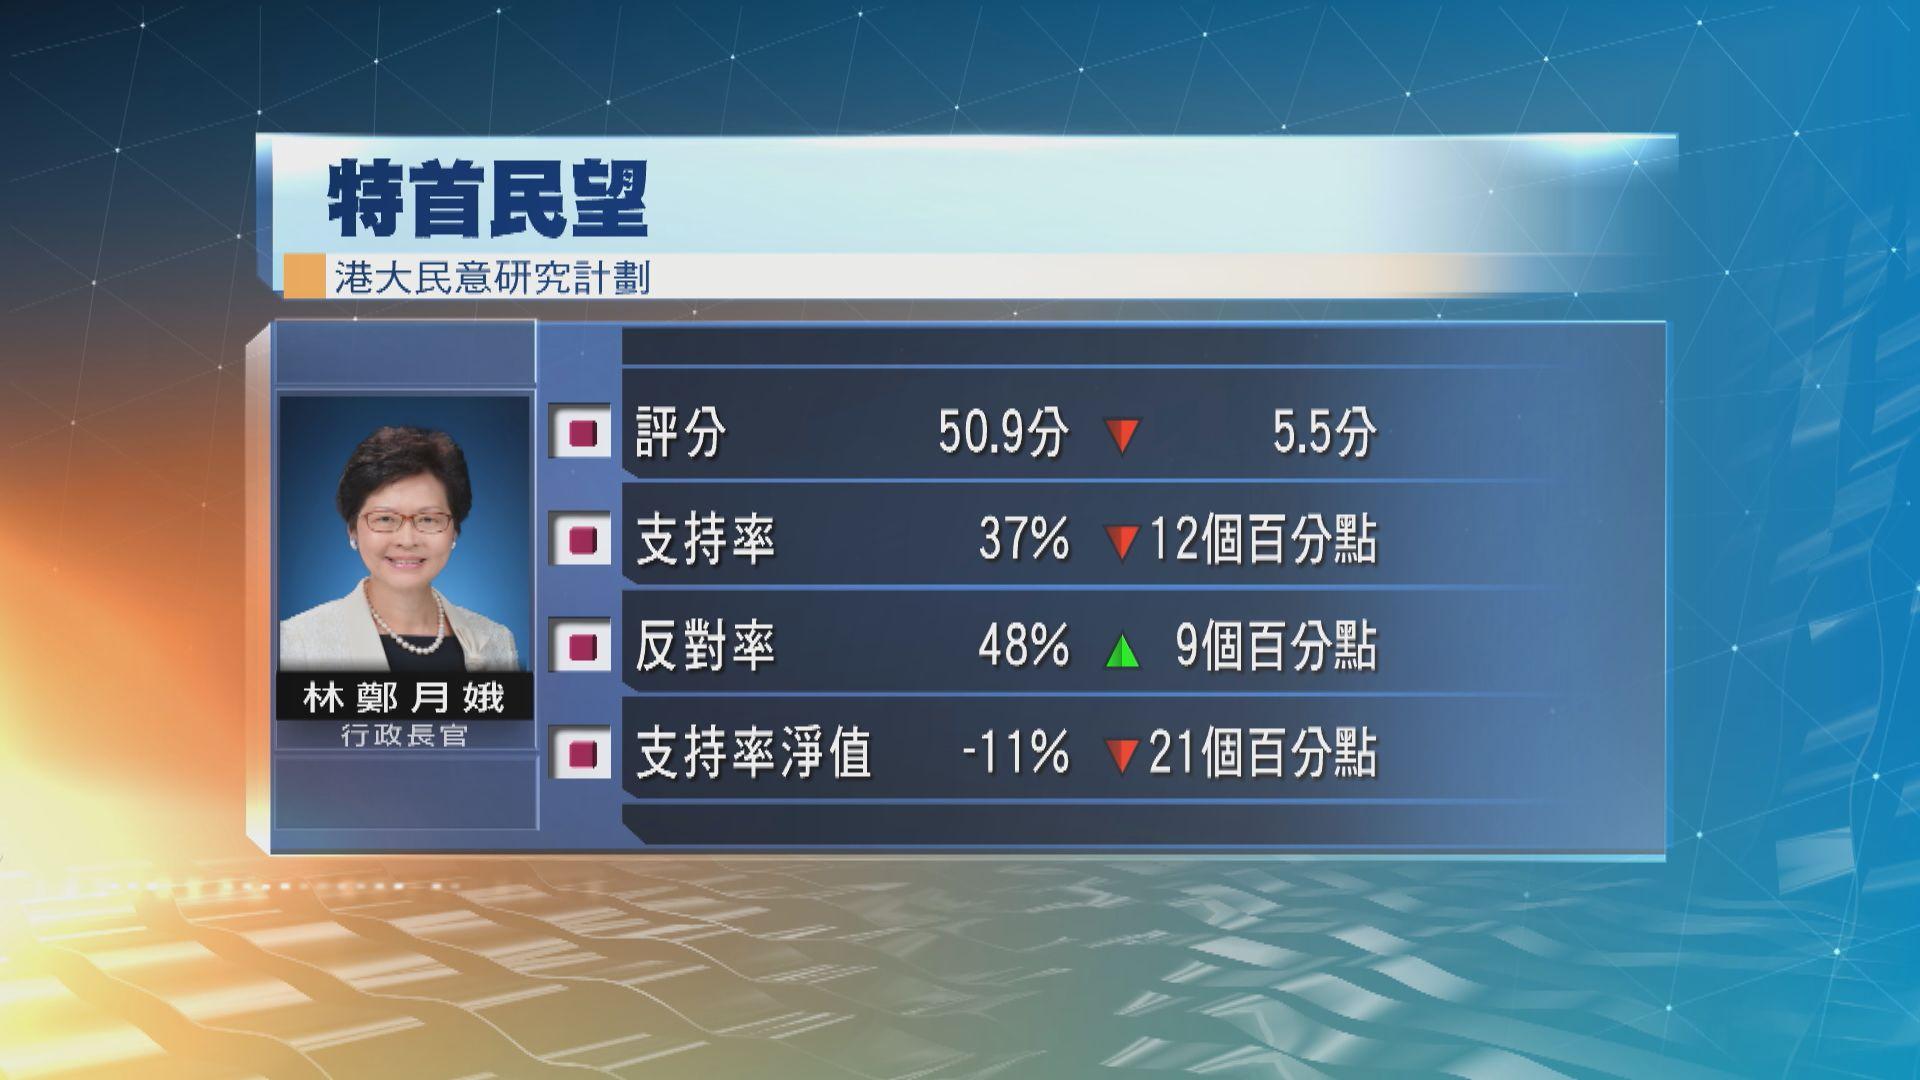 港大民研:林鄭及鄭若驊支持淨值跌至新低